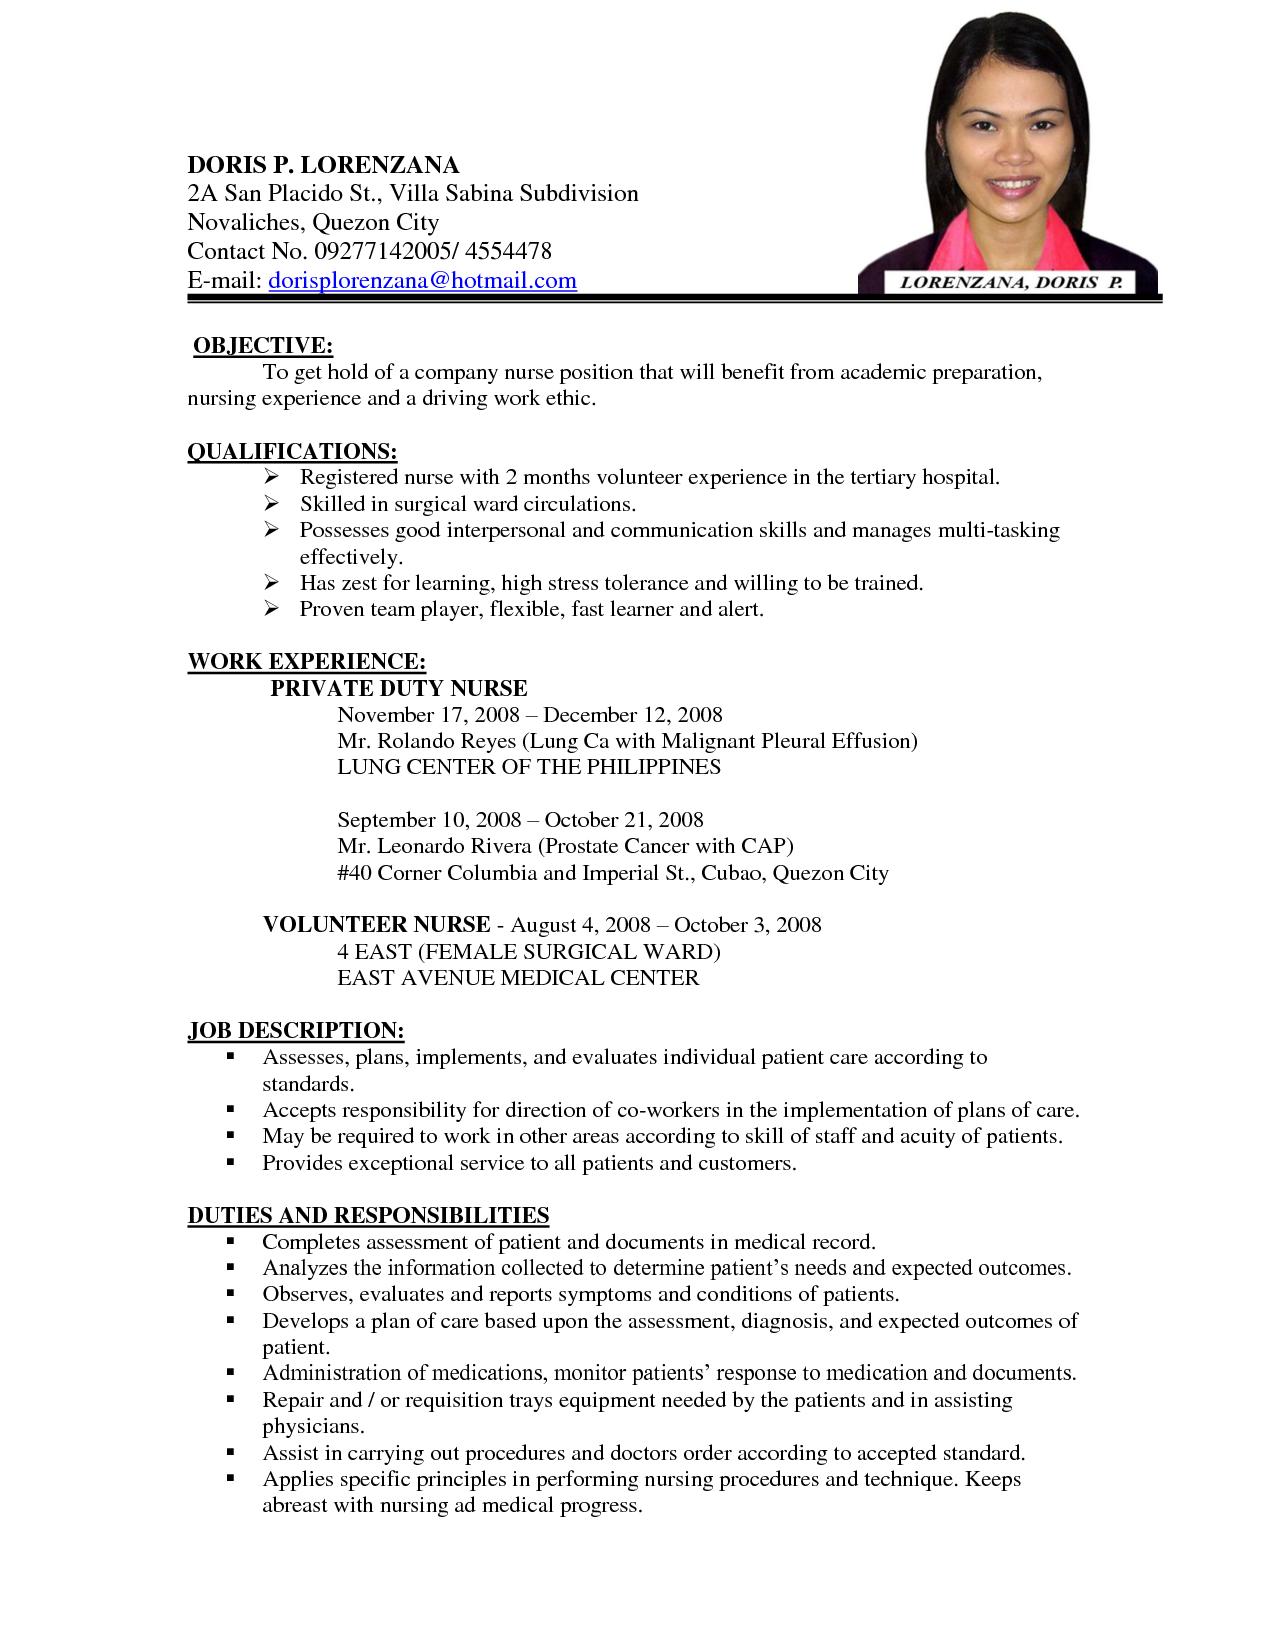 registered nurse sample resume philippines